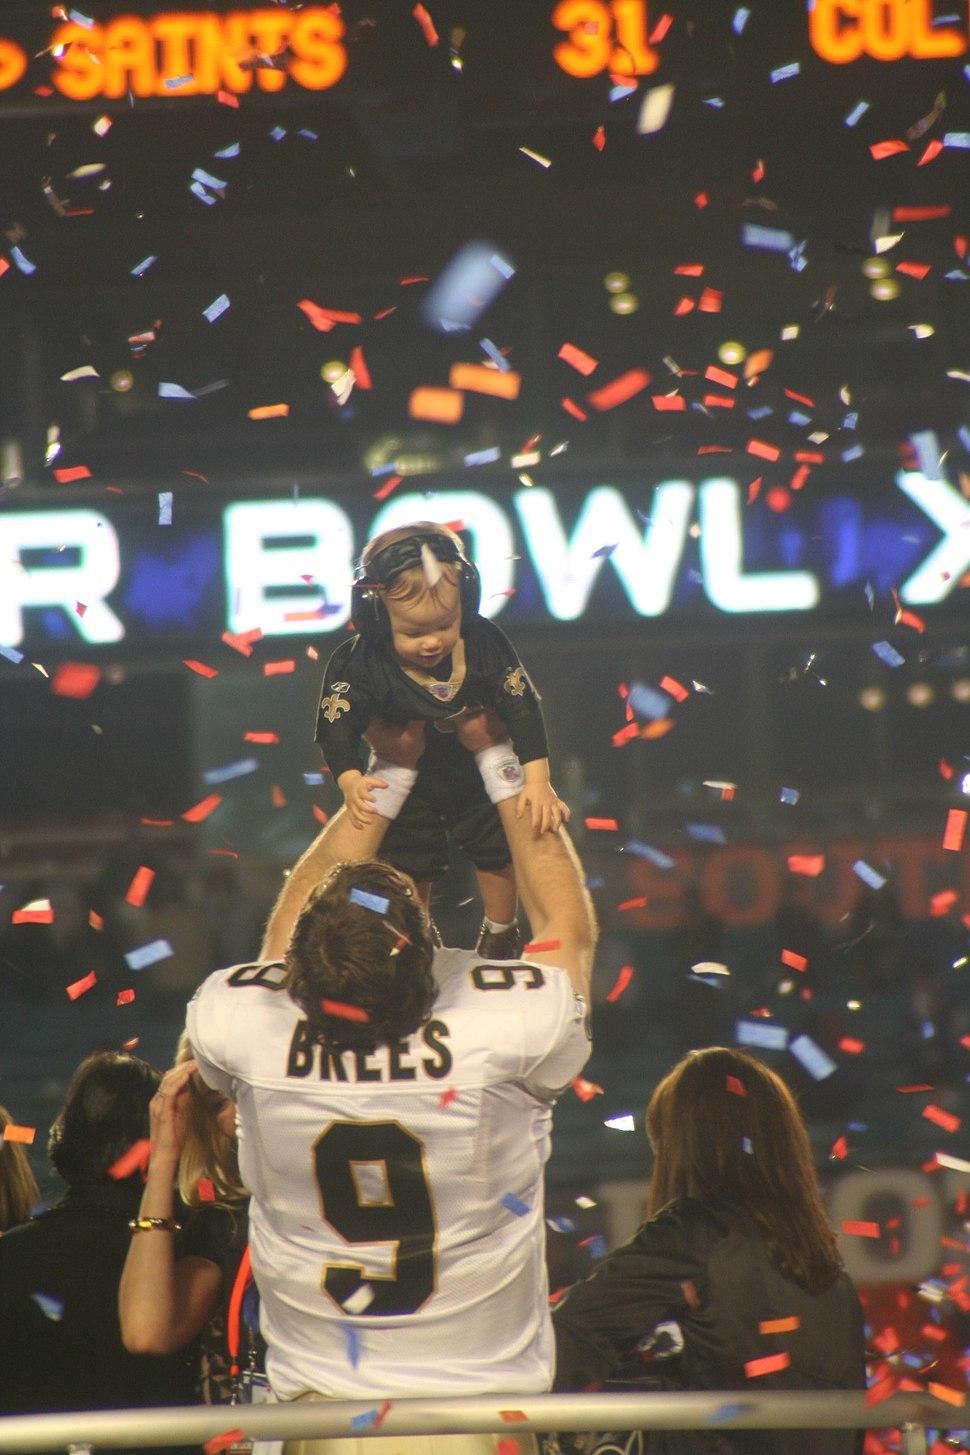 Drew Brees after winning Super Bowl XLIV Jan. 7th, 2010